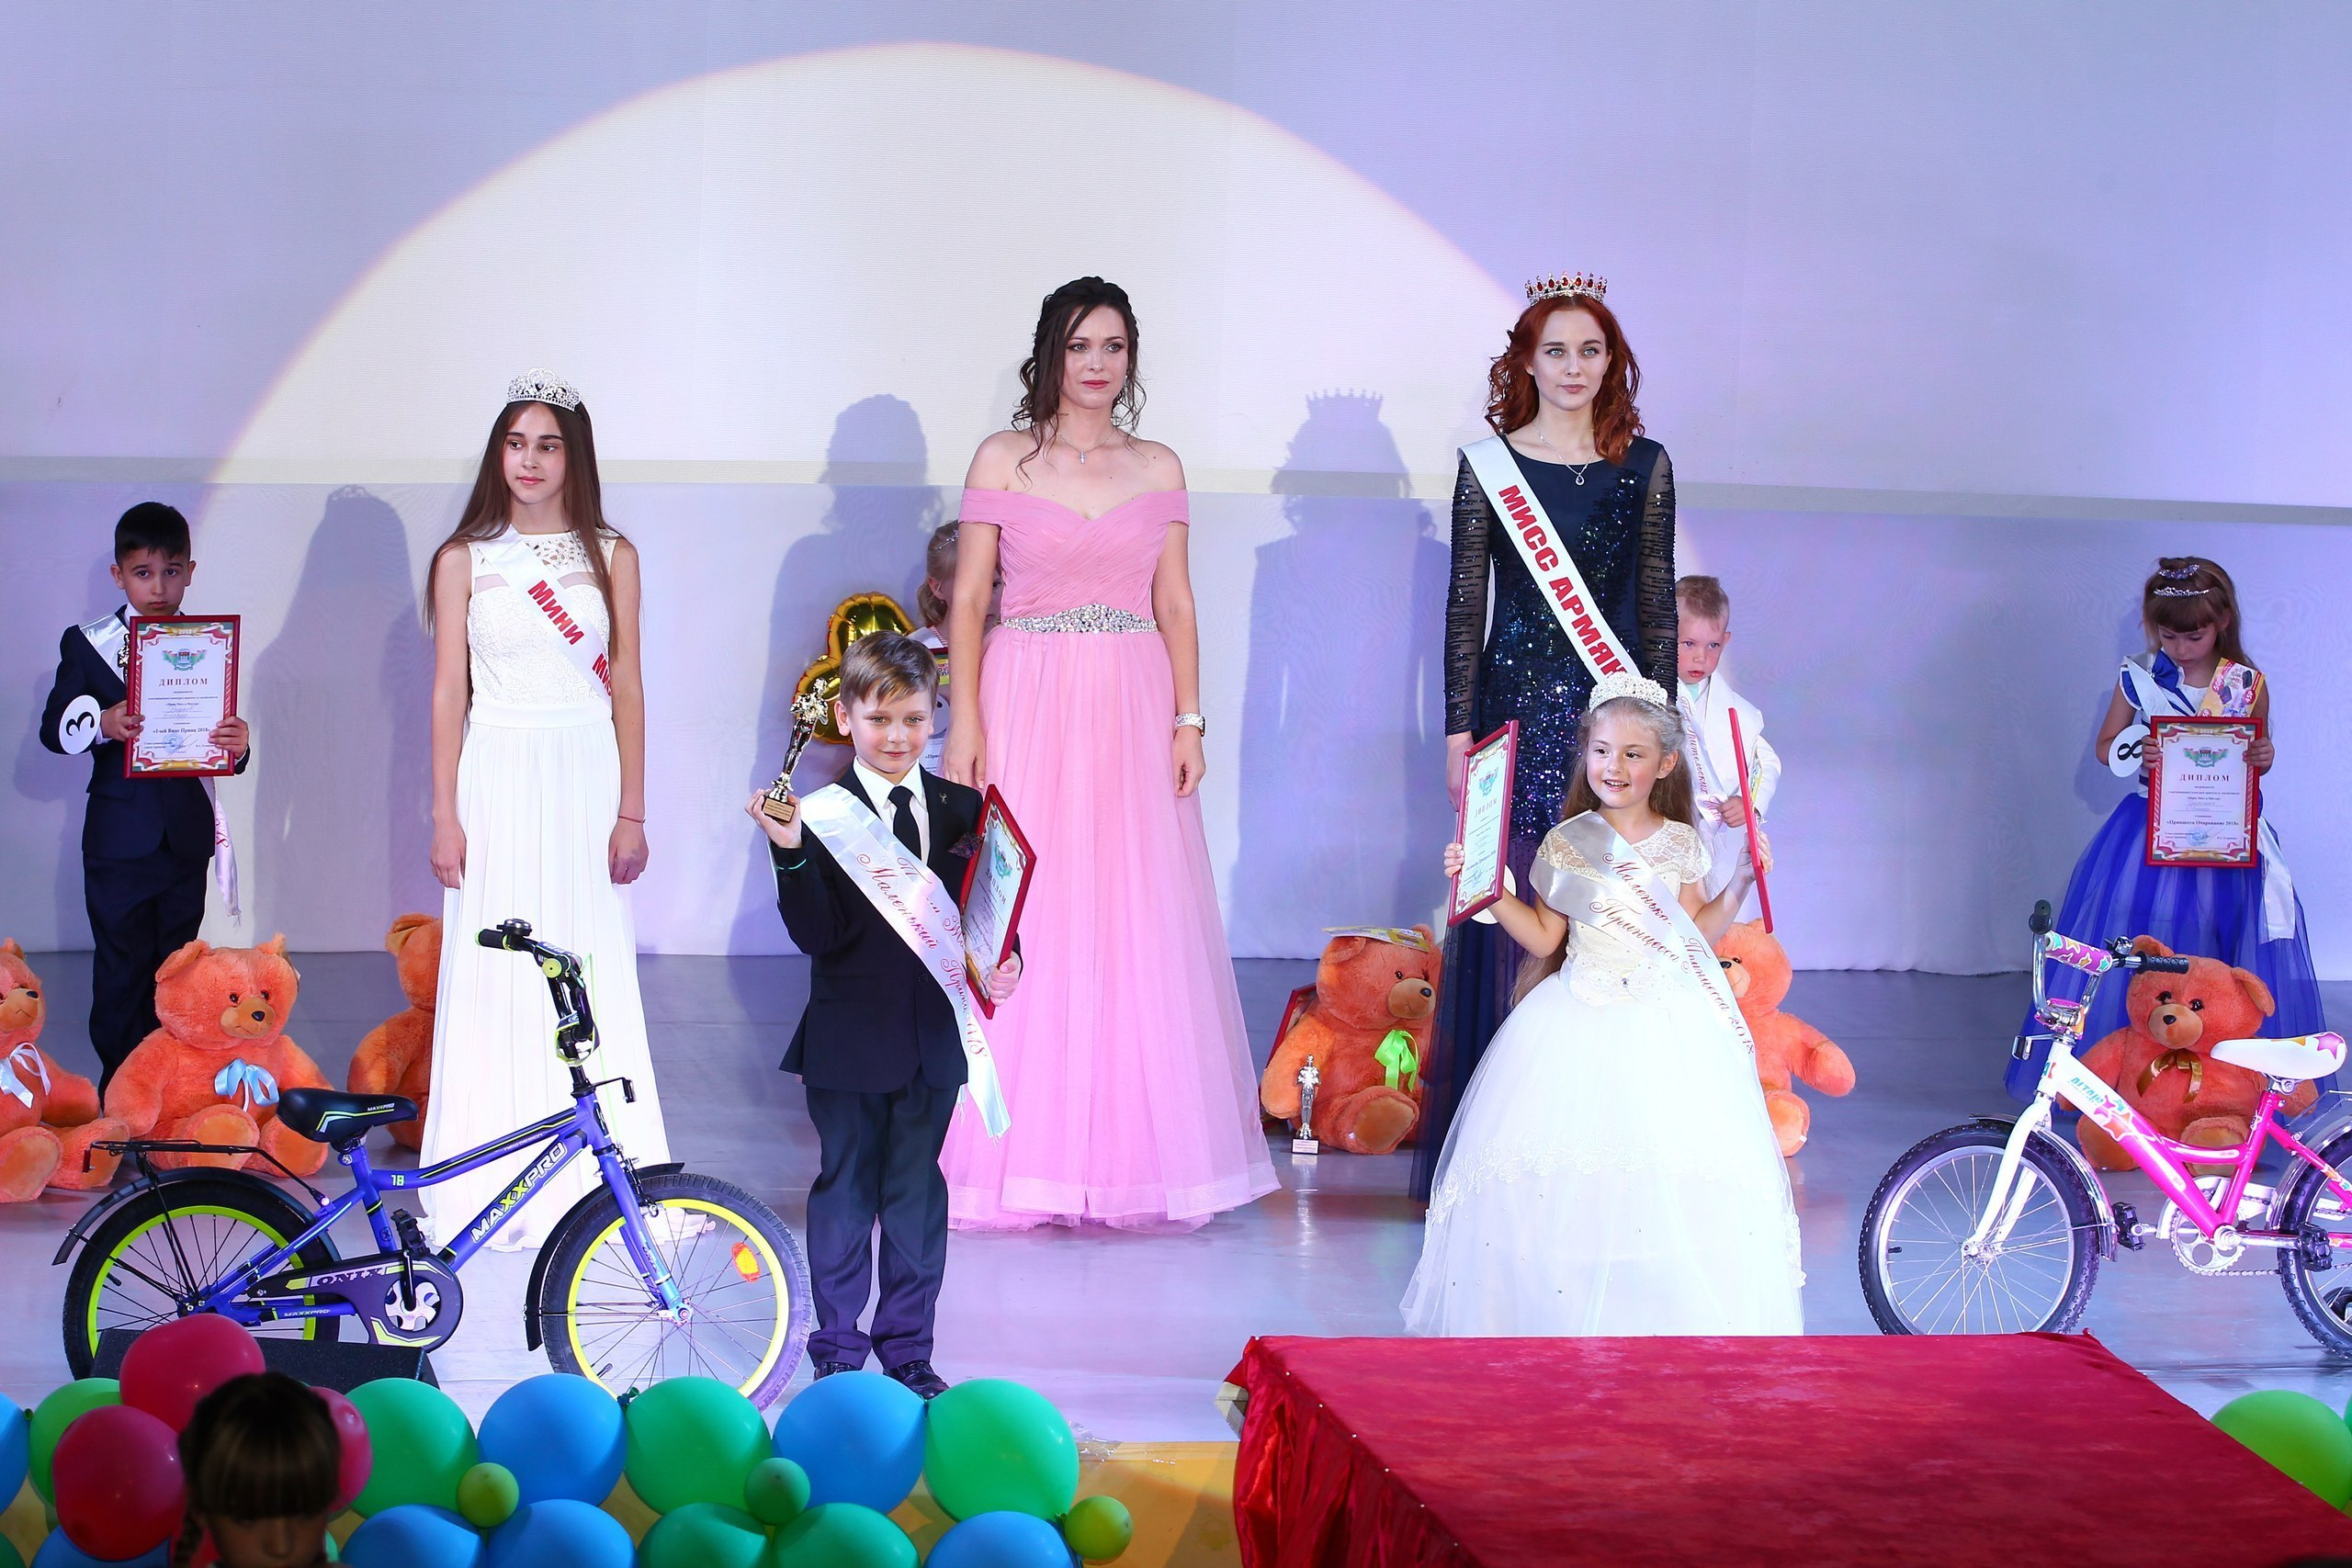 Стали известны результаты конкурса в Армянске